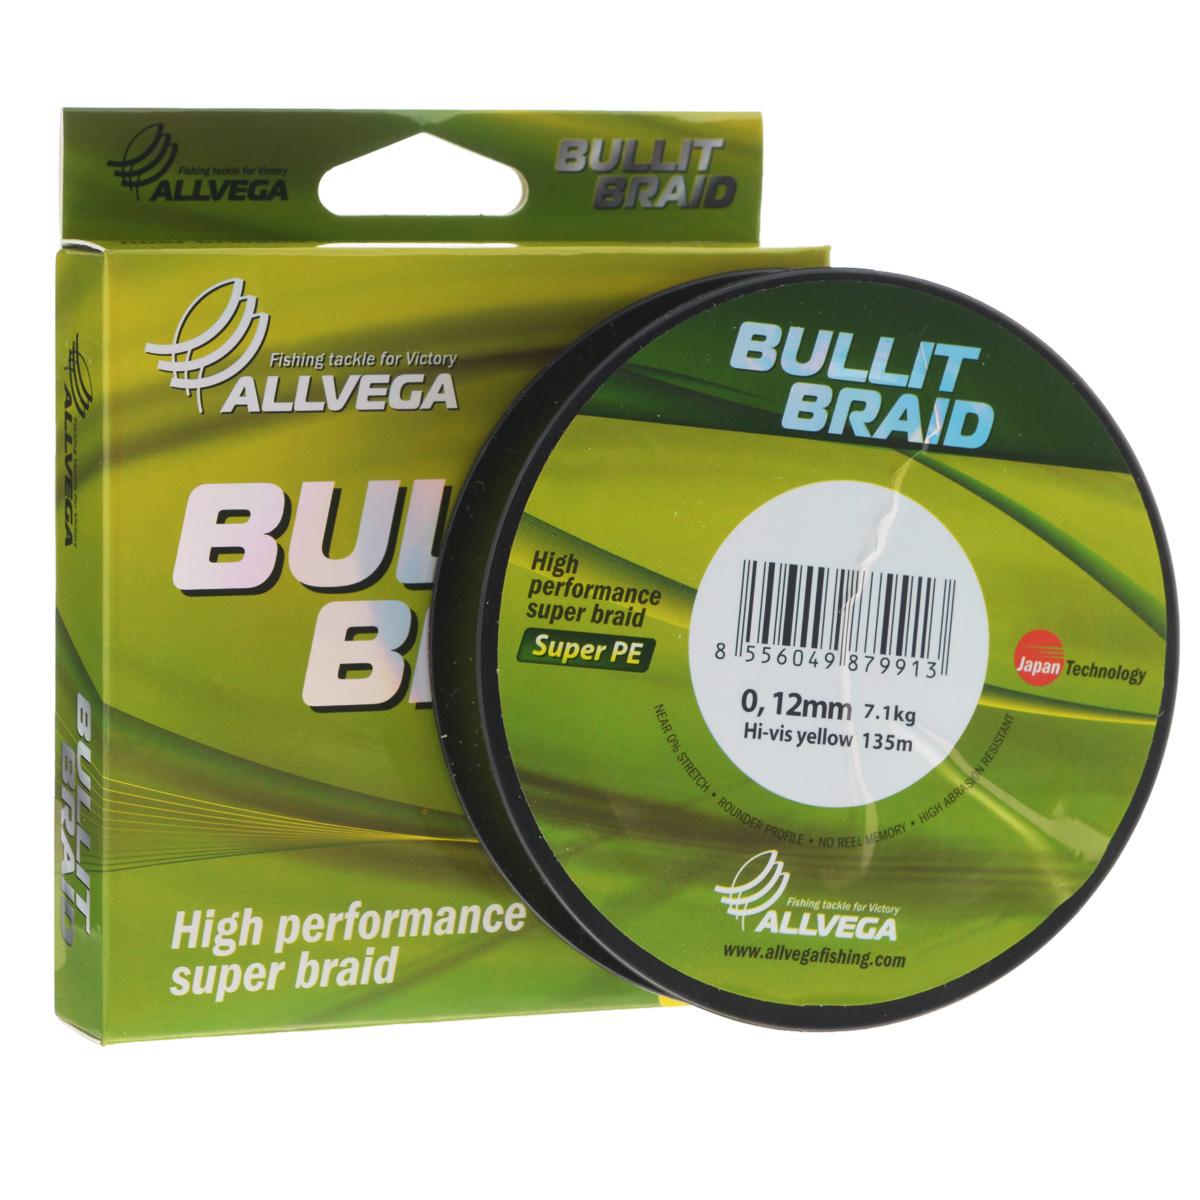 Леска плетеная Allvega Bullit Braid, цвет: ярко-желтый, 135 м, 0,12 мм, 7,1 кг51530Леска Allvega Bullit Braid с гладкой поверхностью и одинаковым сечением по всей длине обладает высокой износостойкостью. Благодаря микроволокнам полиэтилена (Super PE) леска имеет очень плотное плетение и не впитывает воду. Леску Allvega Bullit Braid можно применять в любых типах водоемов. Особенности:повышенная износостойкость;высокая чувствительность - коэффициент растяжения близок к нулю;отсутствует память; идеально гладкая поверхность позволяет увеличить дальность забросов; высокая прочность шнура на узлах.